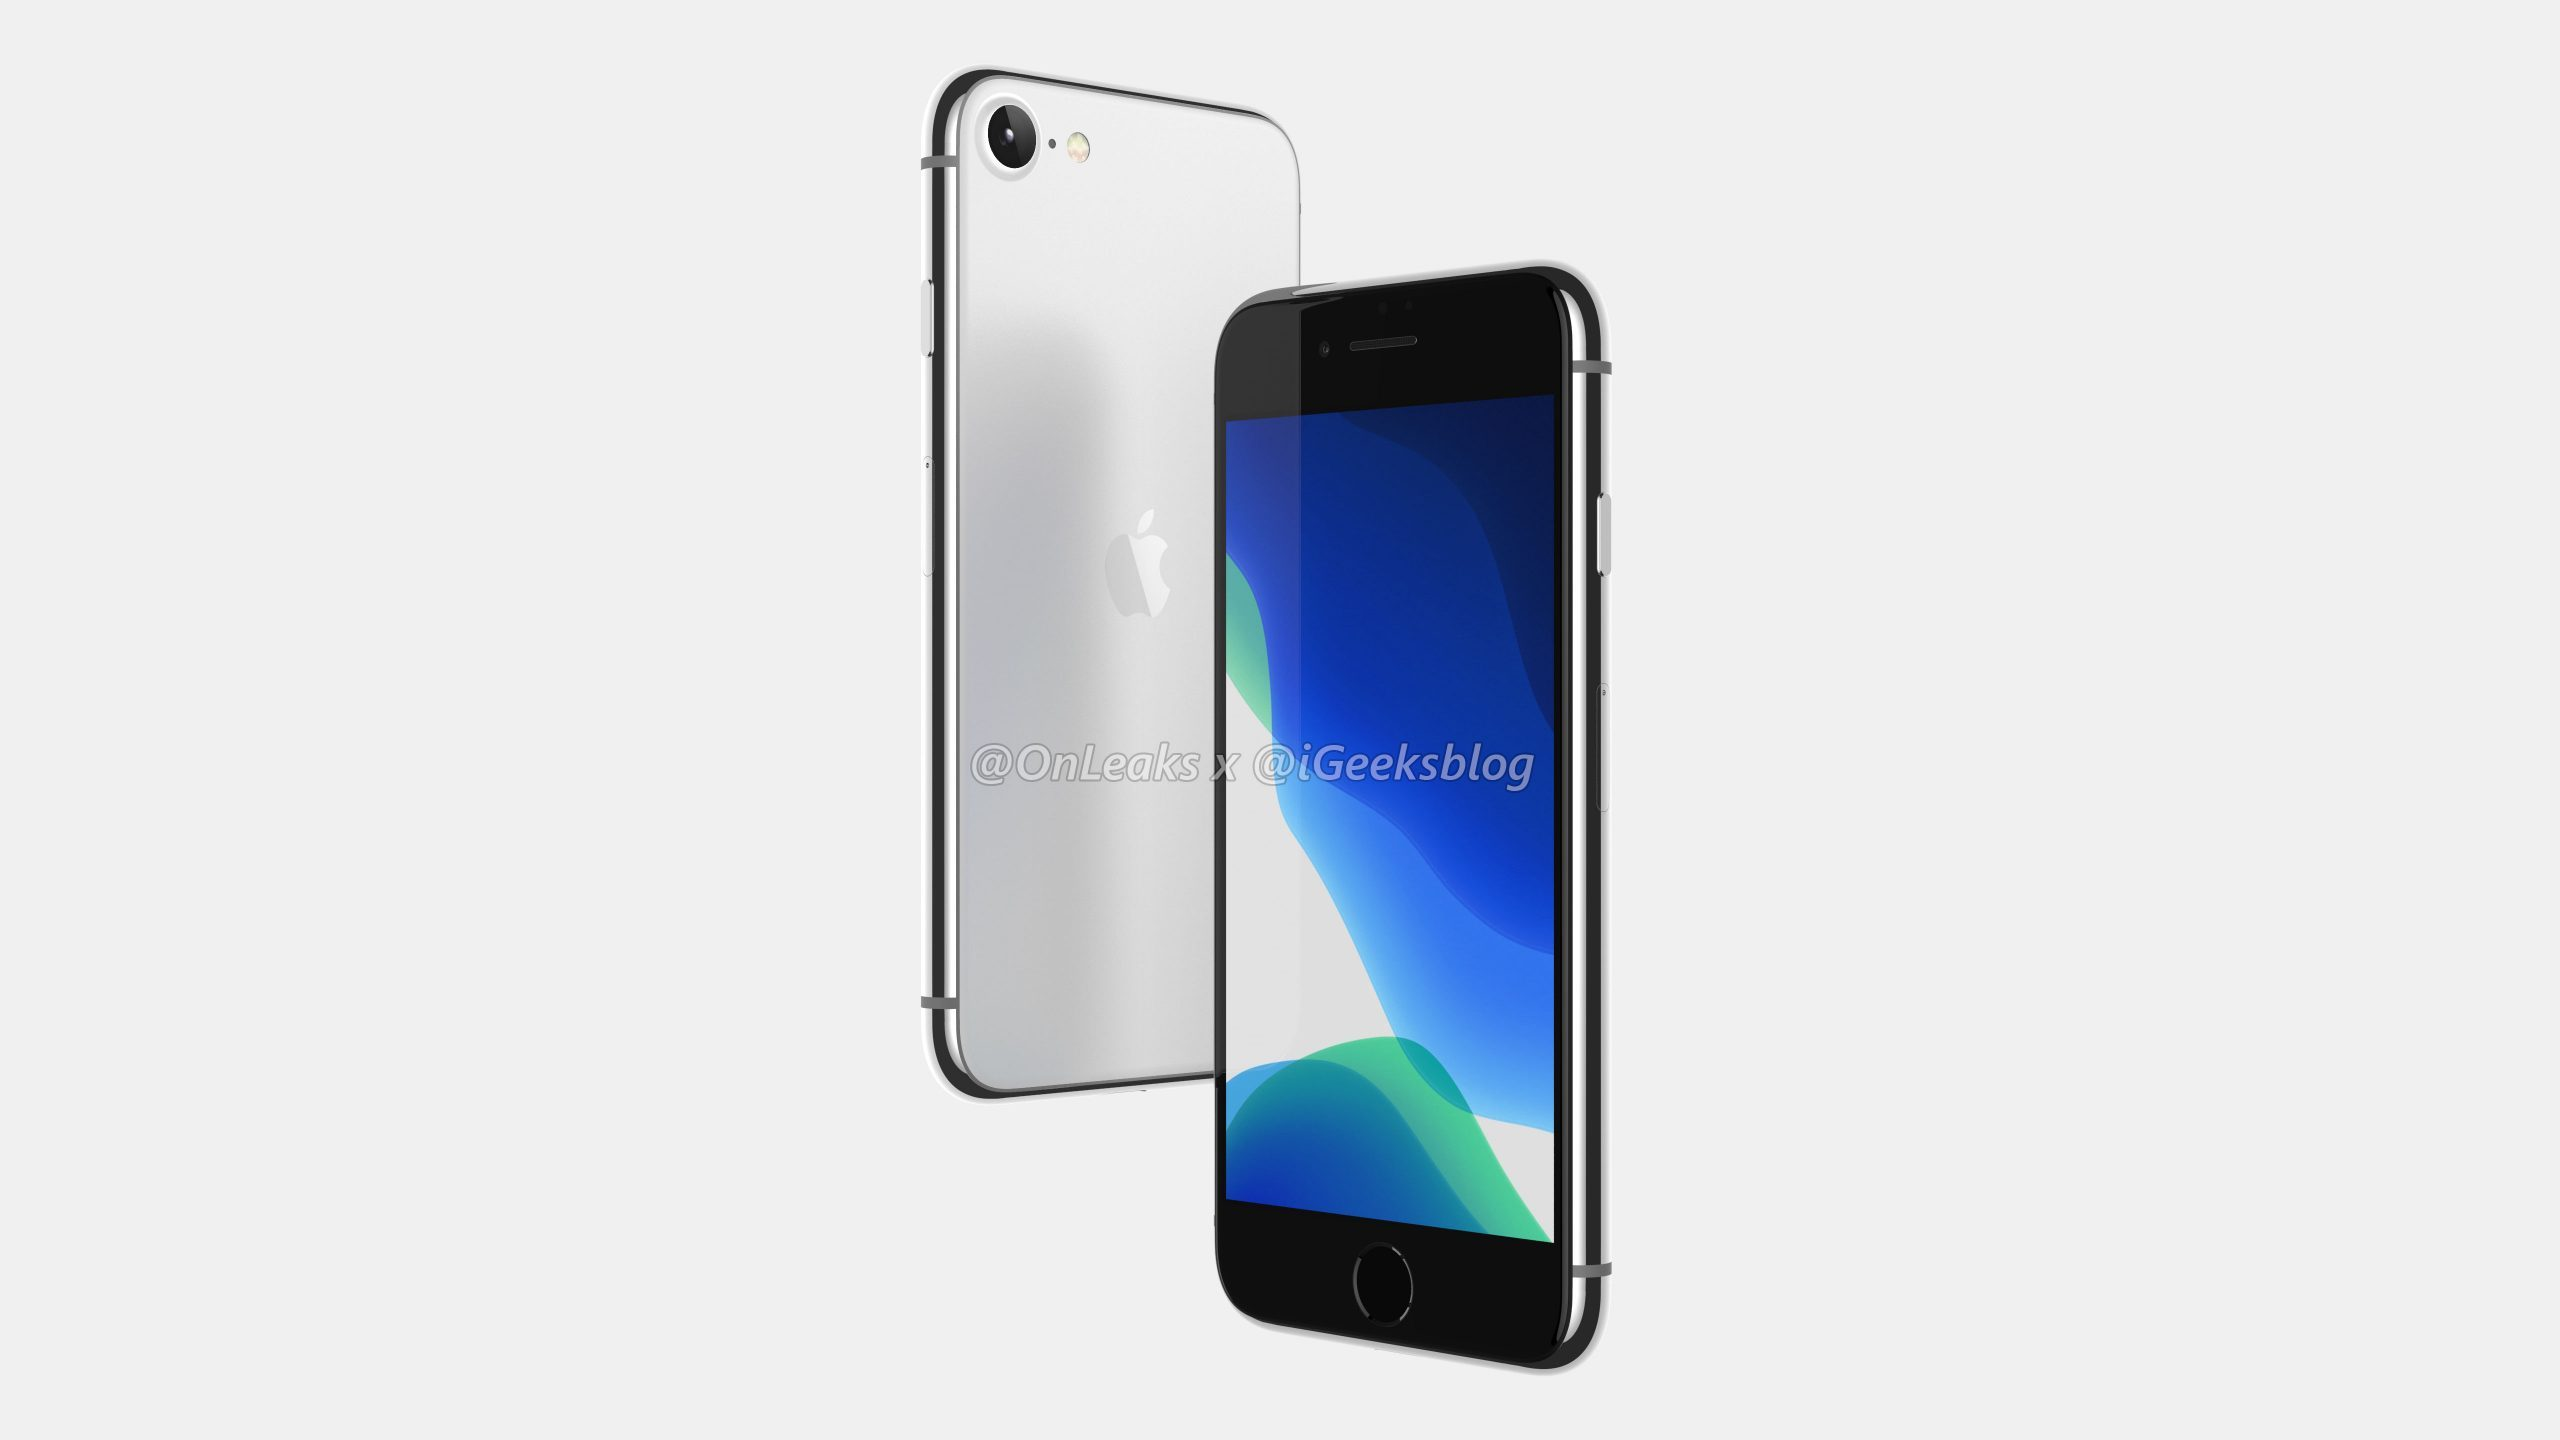 Apple iPhone 9 (SE 2) : design, caractéristiques, date et prix, ce qu'il faut savoir sur l'iPhone bon marché